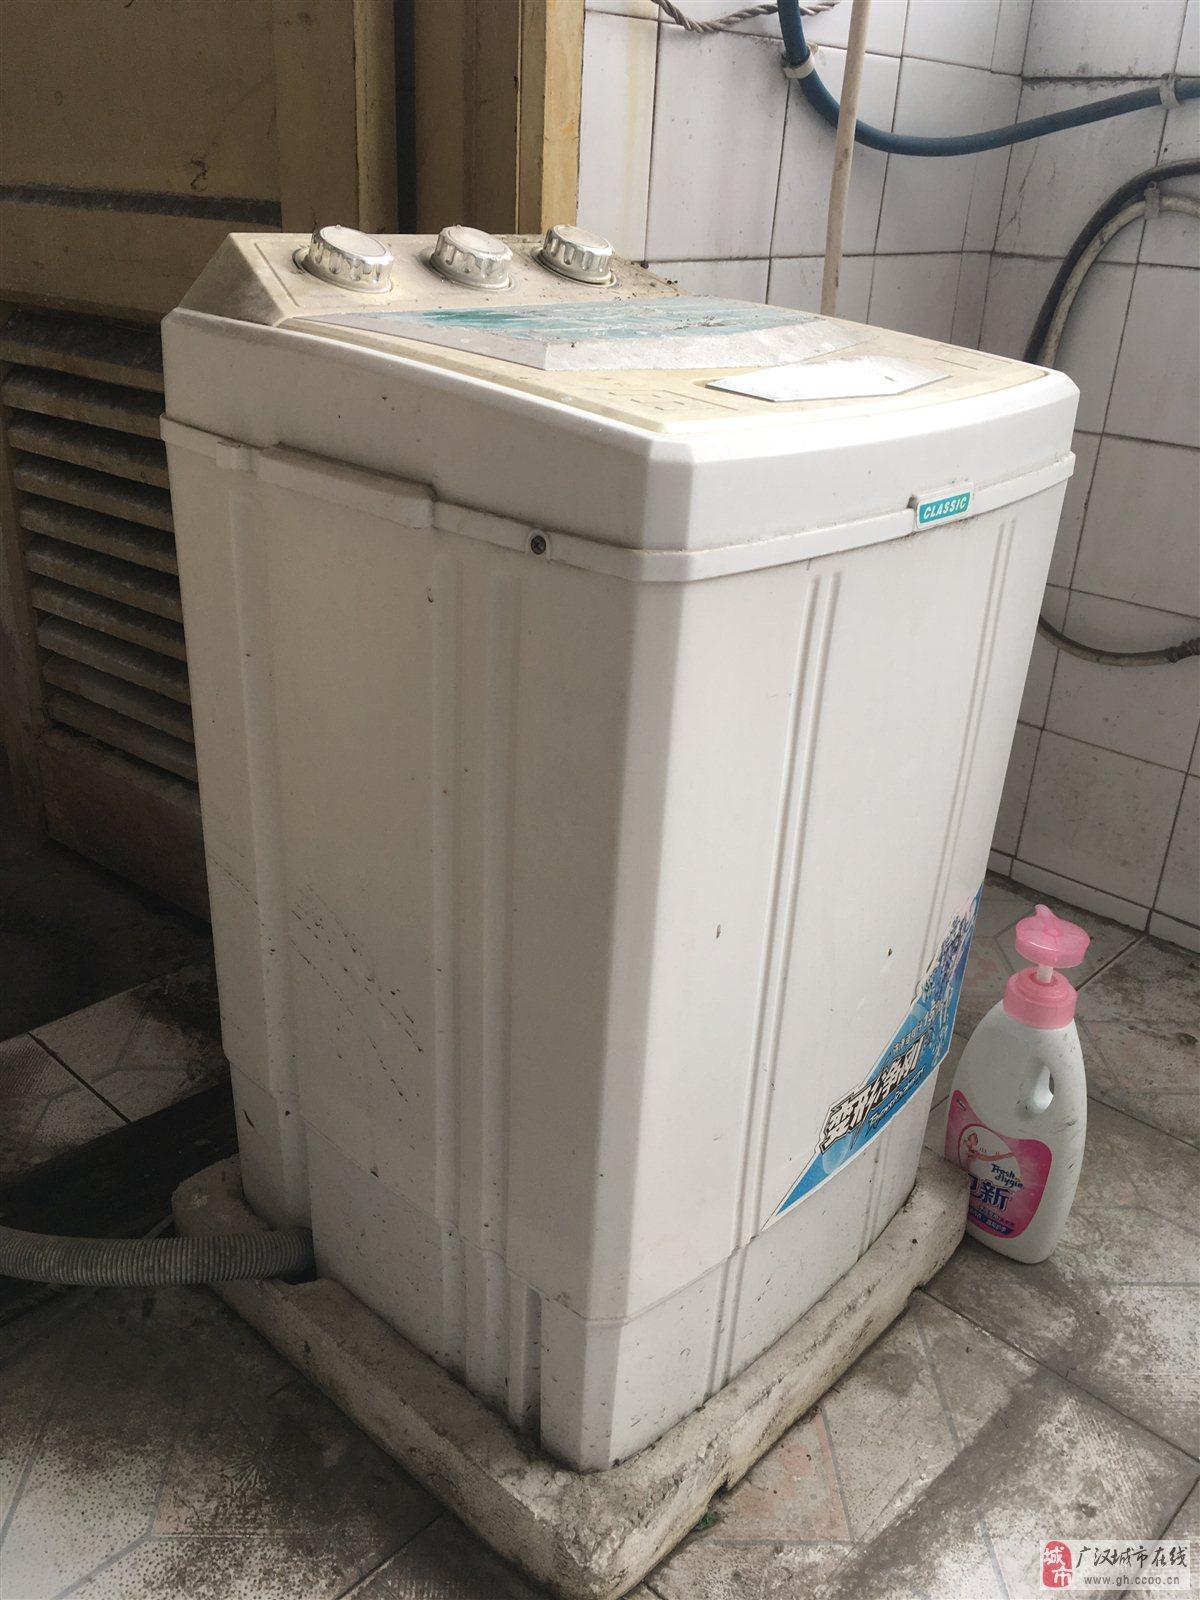 搬家,出售洗衣机